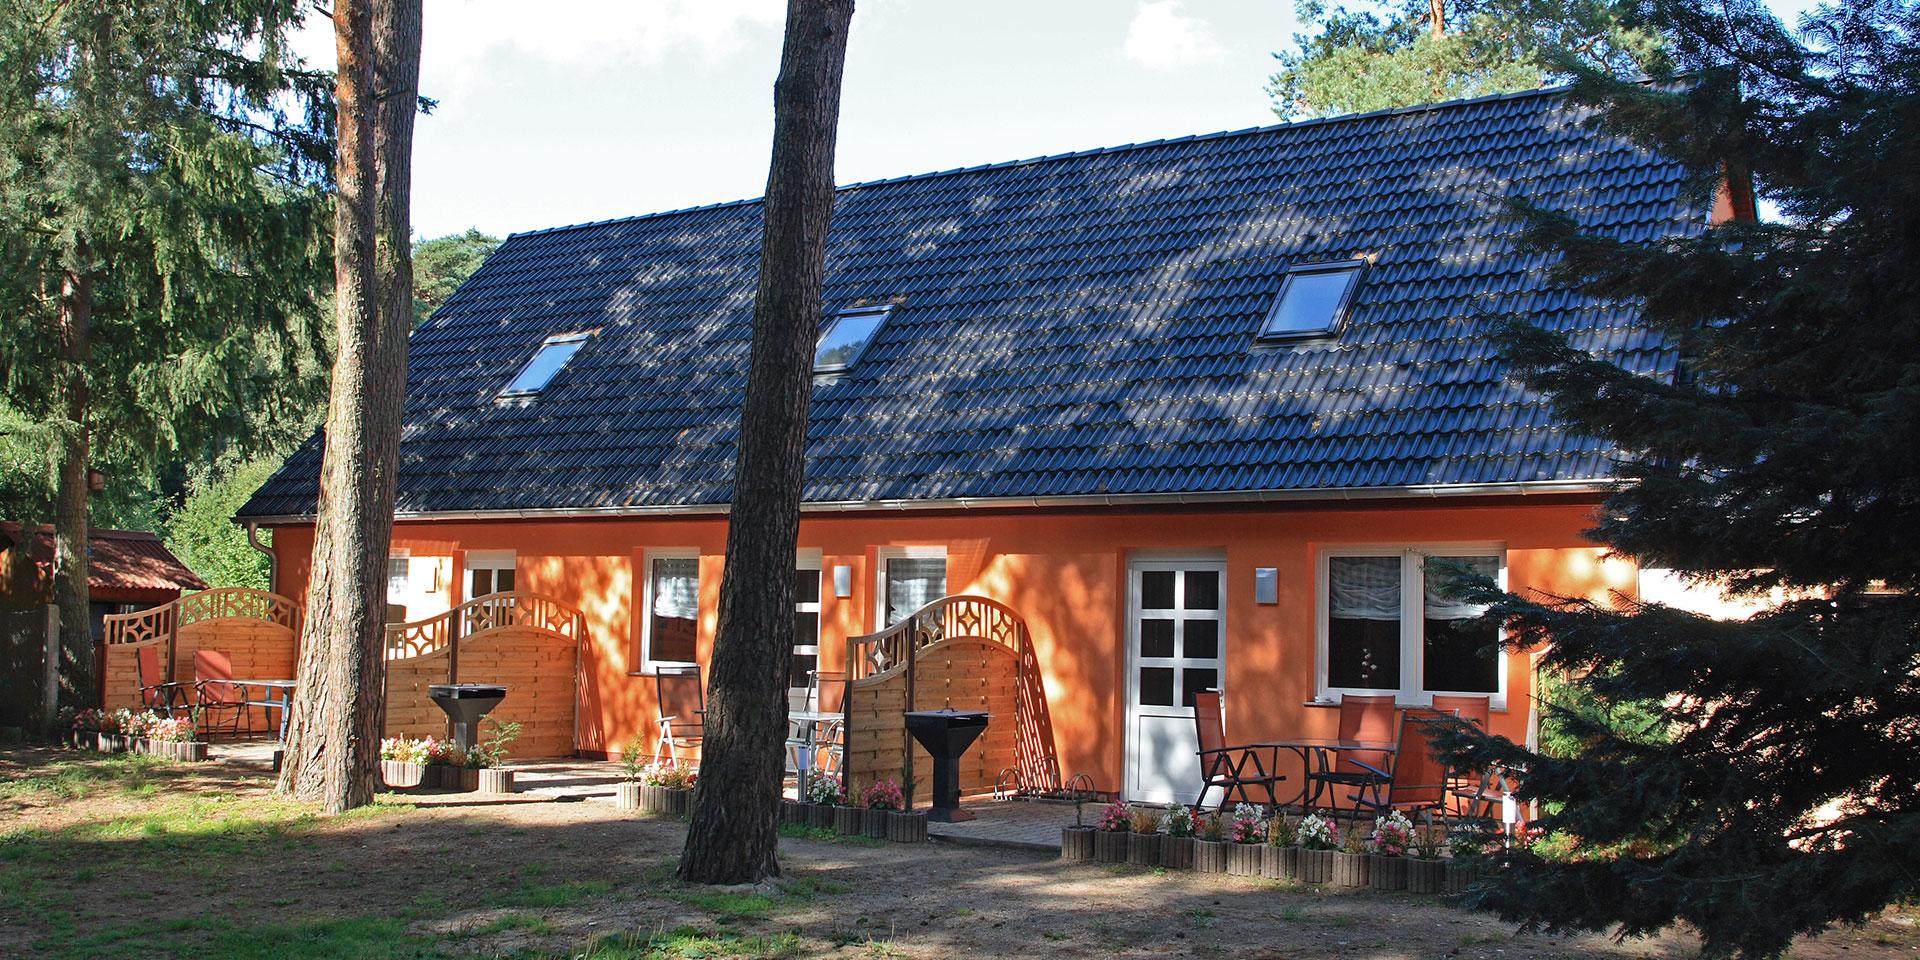 Ferienhaus Jägerswalde - Teterower Chaussee 34, Güstrow OT Klueß